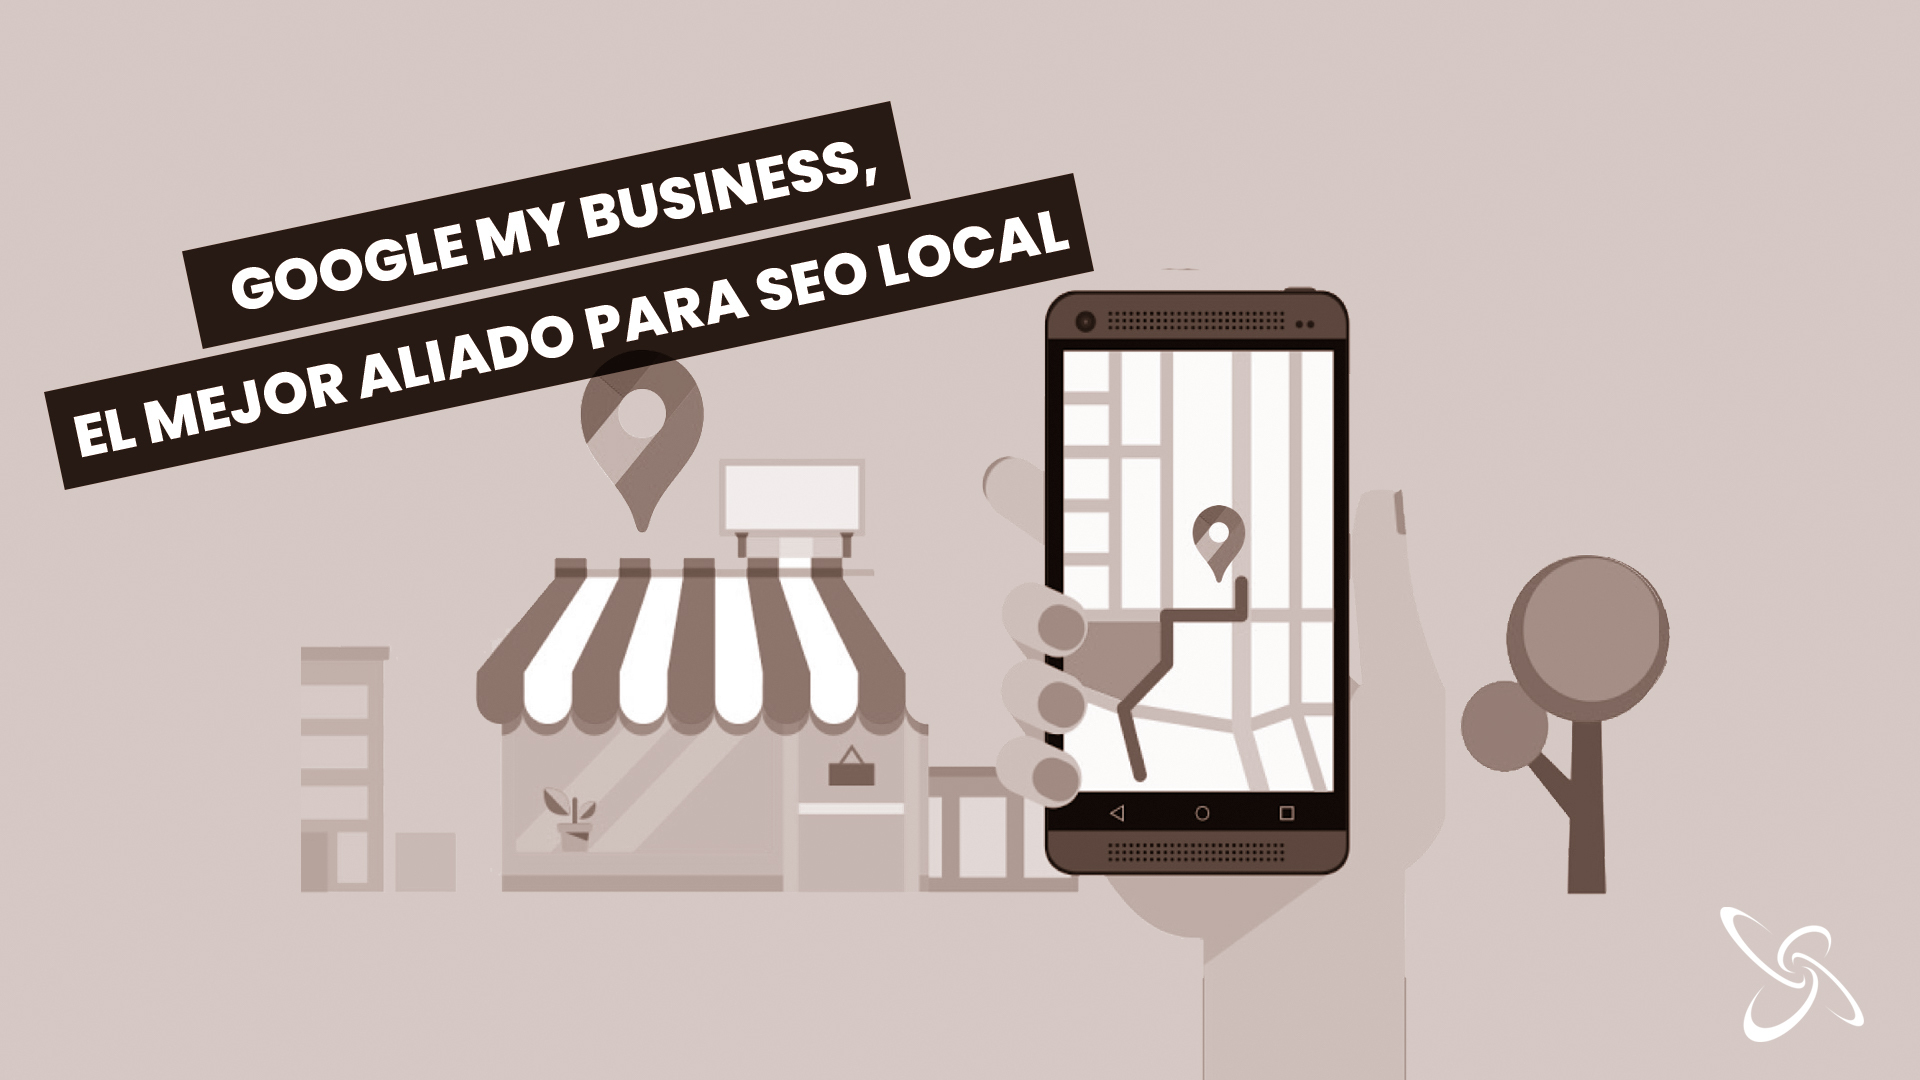 google my business, el mejor aliado para seo local